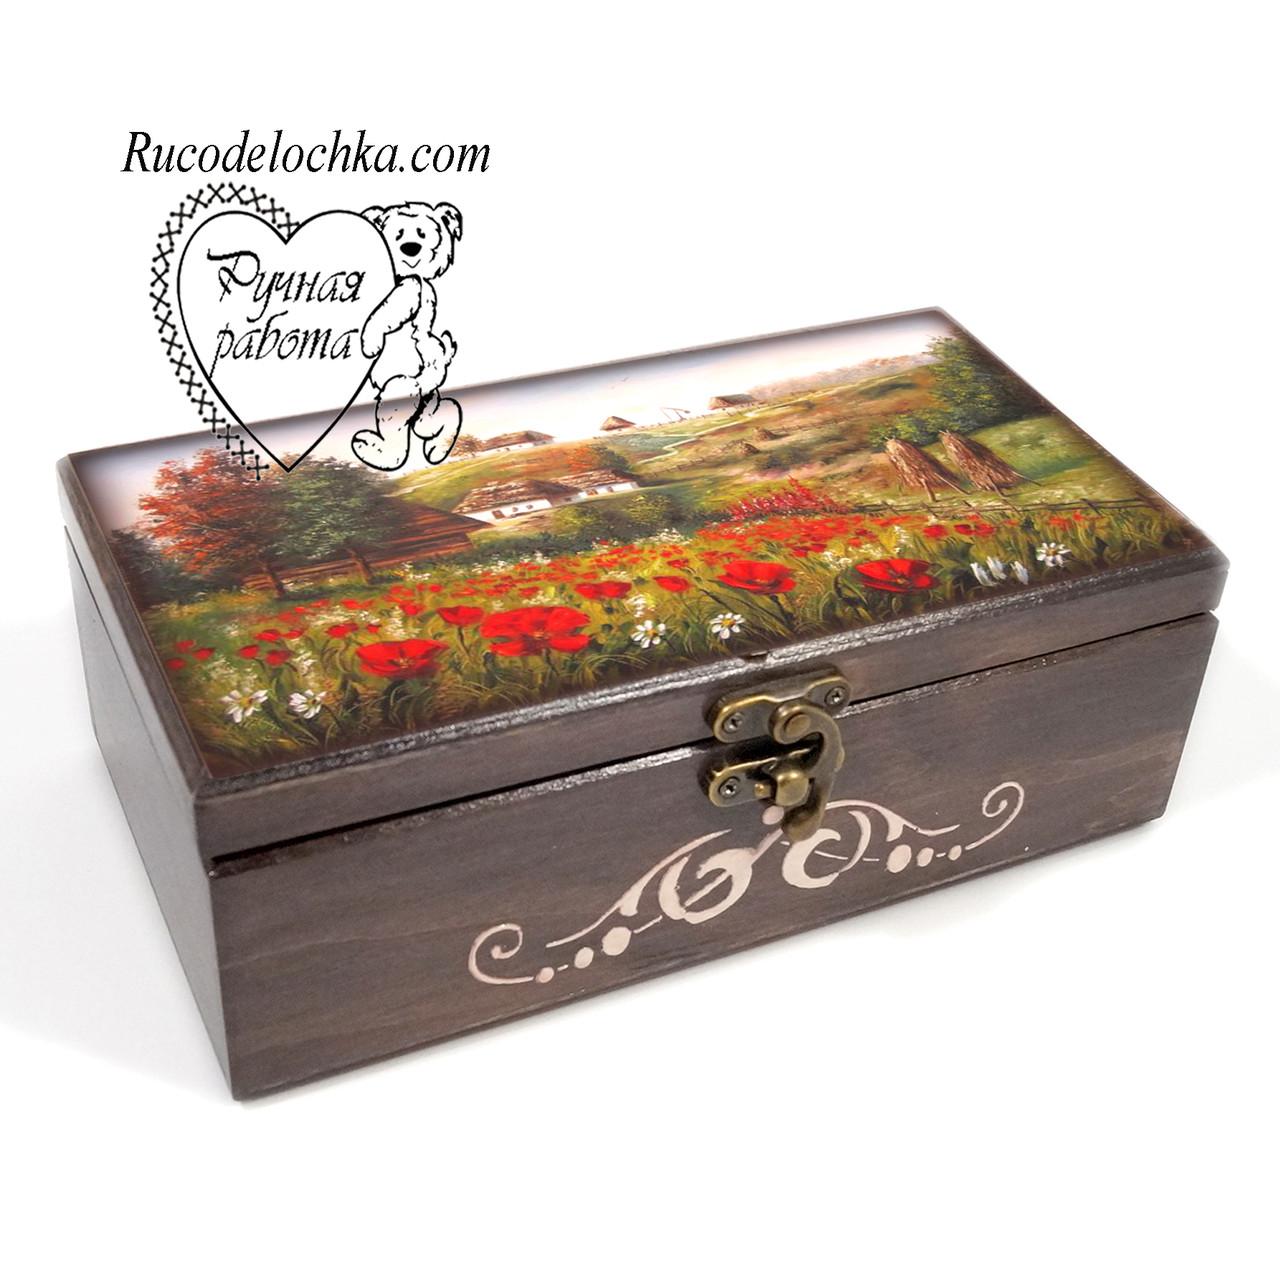 Шкатулка купюрница Маки, украинская хата 20*10*7 см, подарок для денег, украинская шкатулка, маки